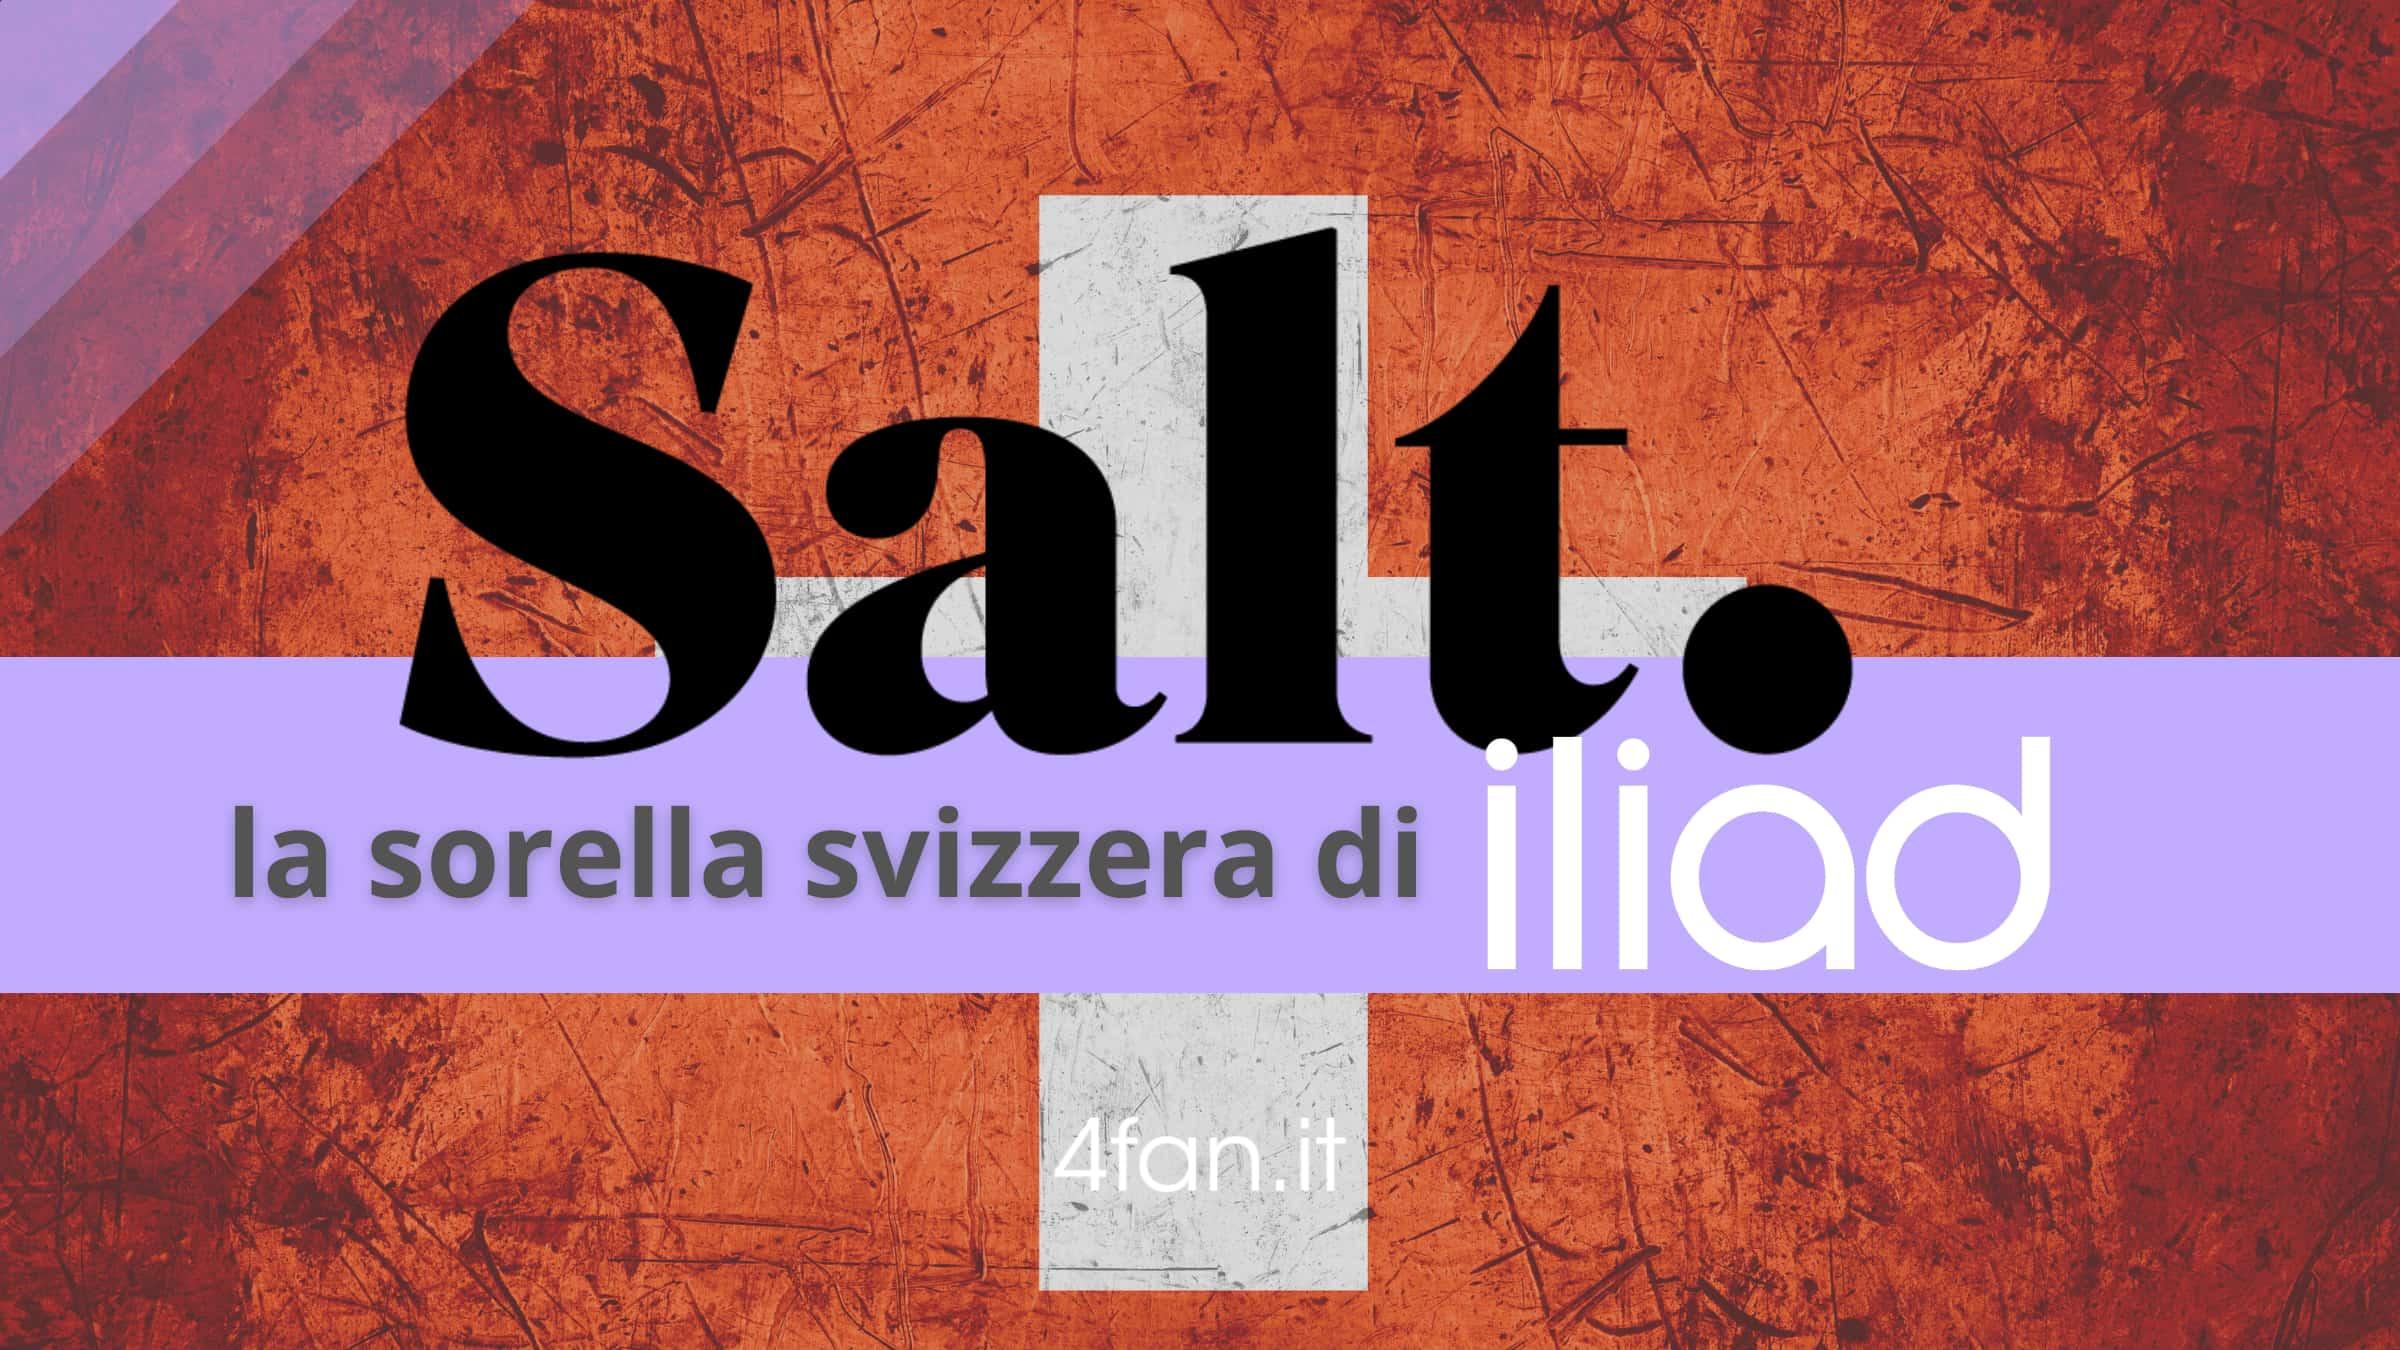 Salt Svizzera